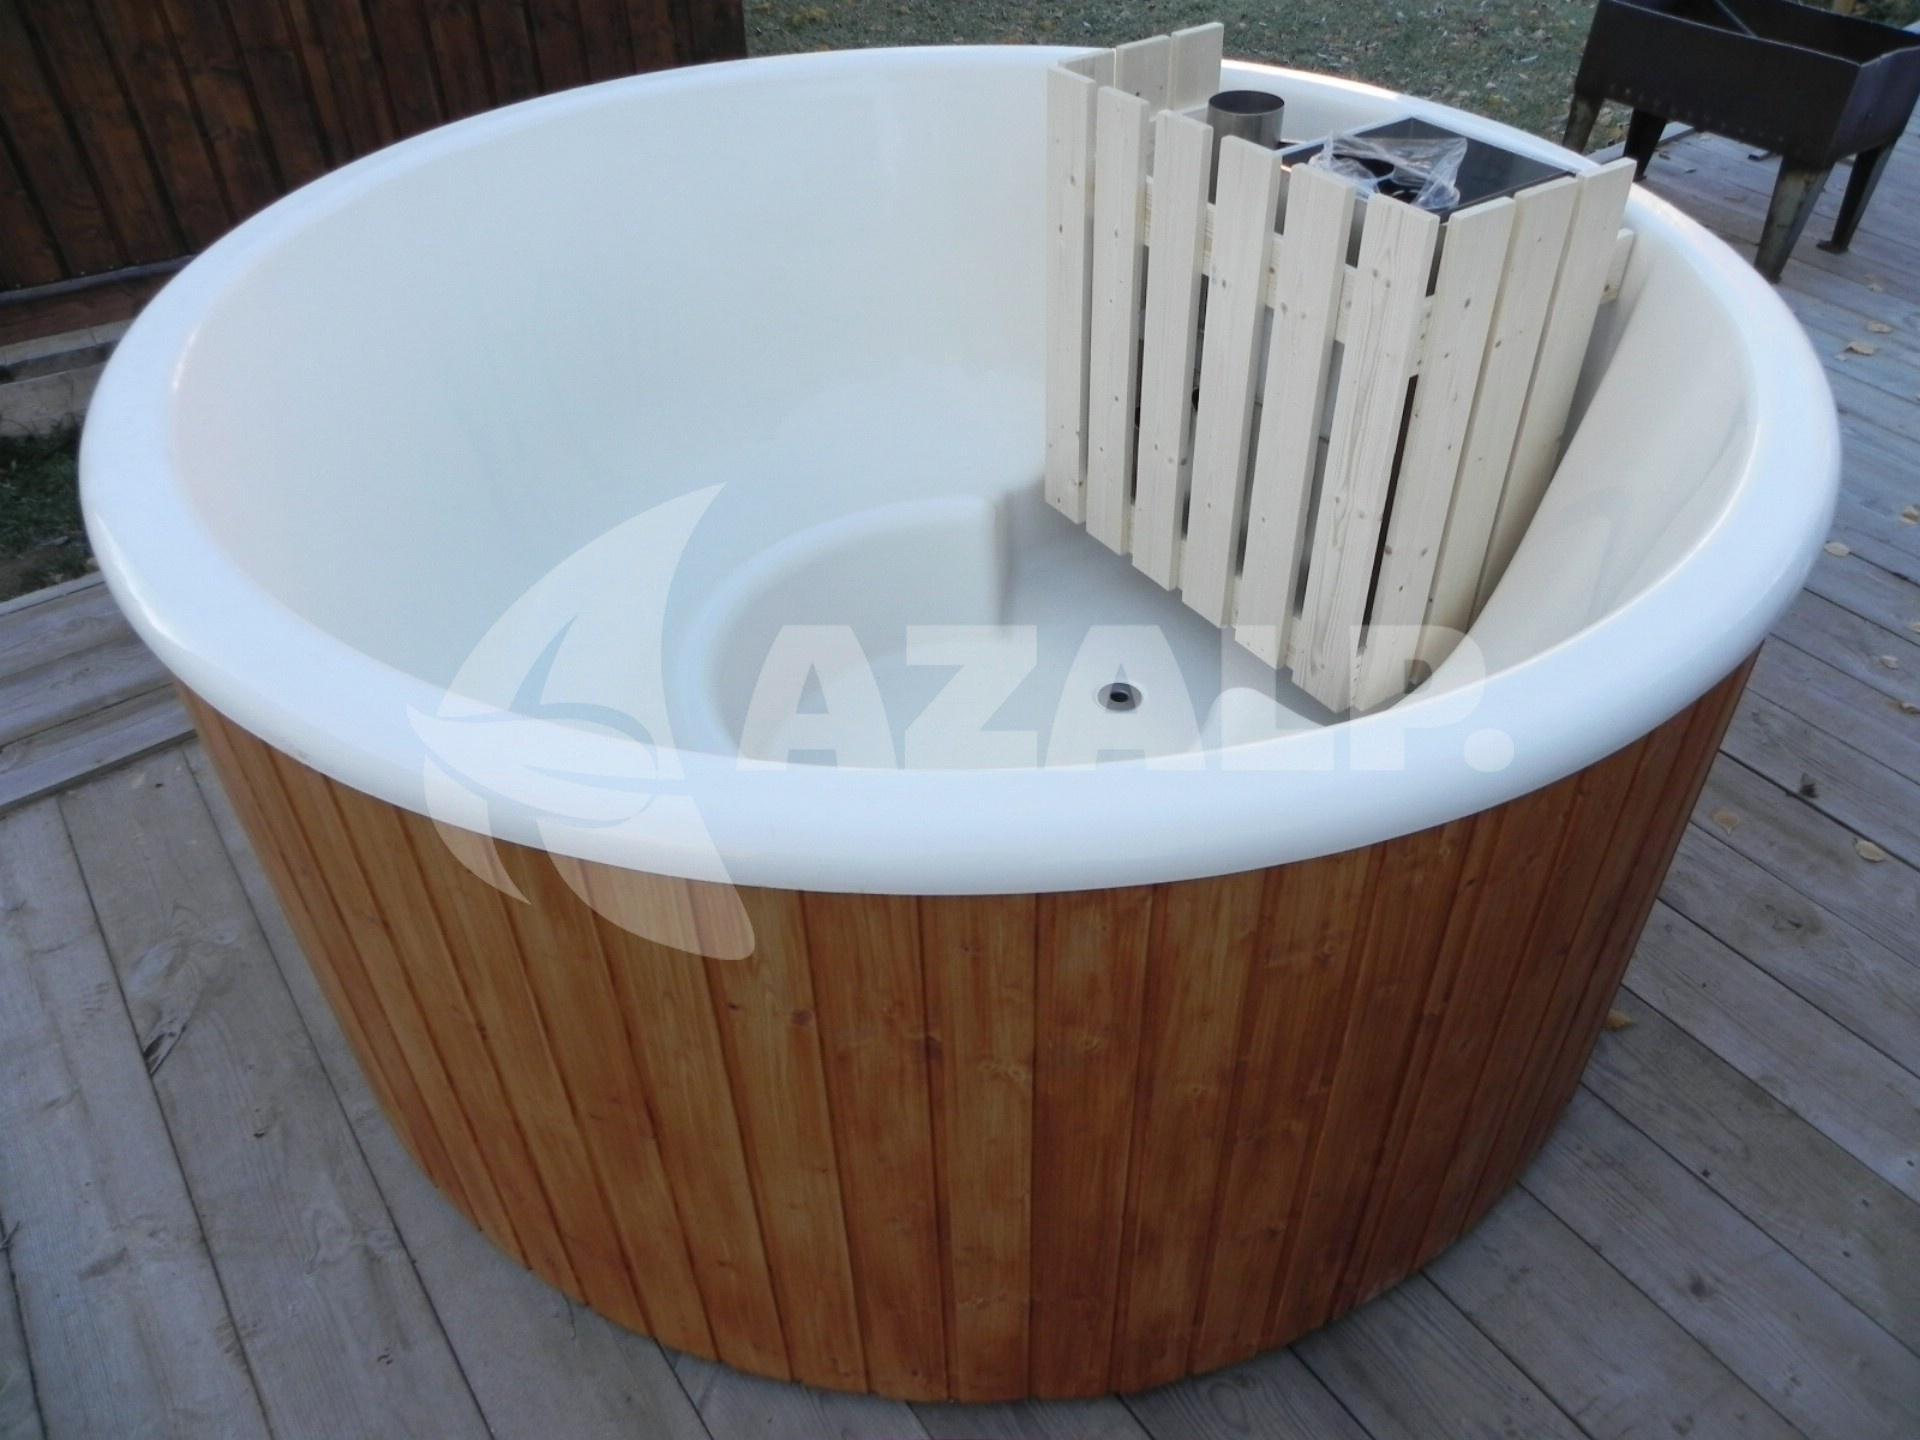 Interflex hottub relax mit kunststoff wanne durchmesser 185cm kaufen bei - Pool wanne kunststoff ...